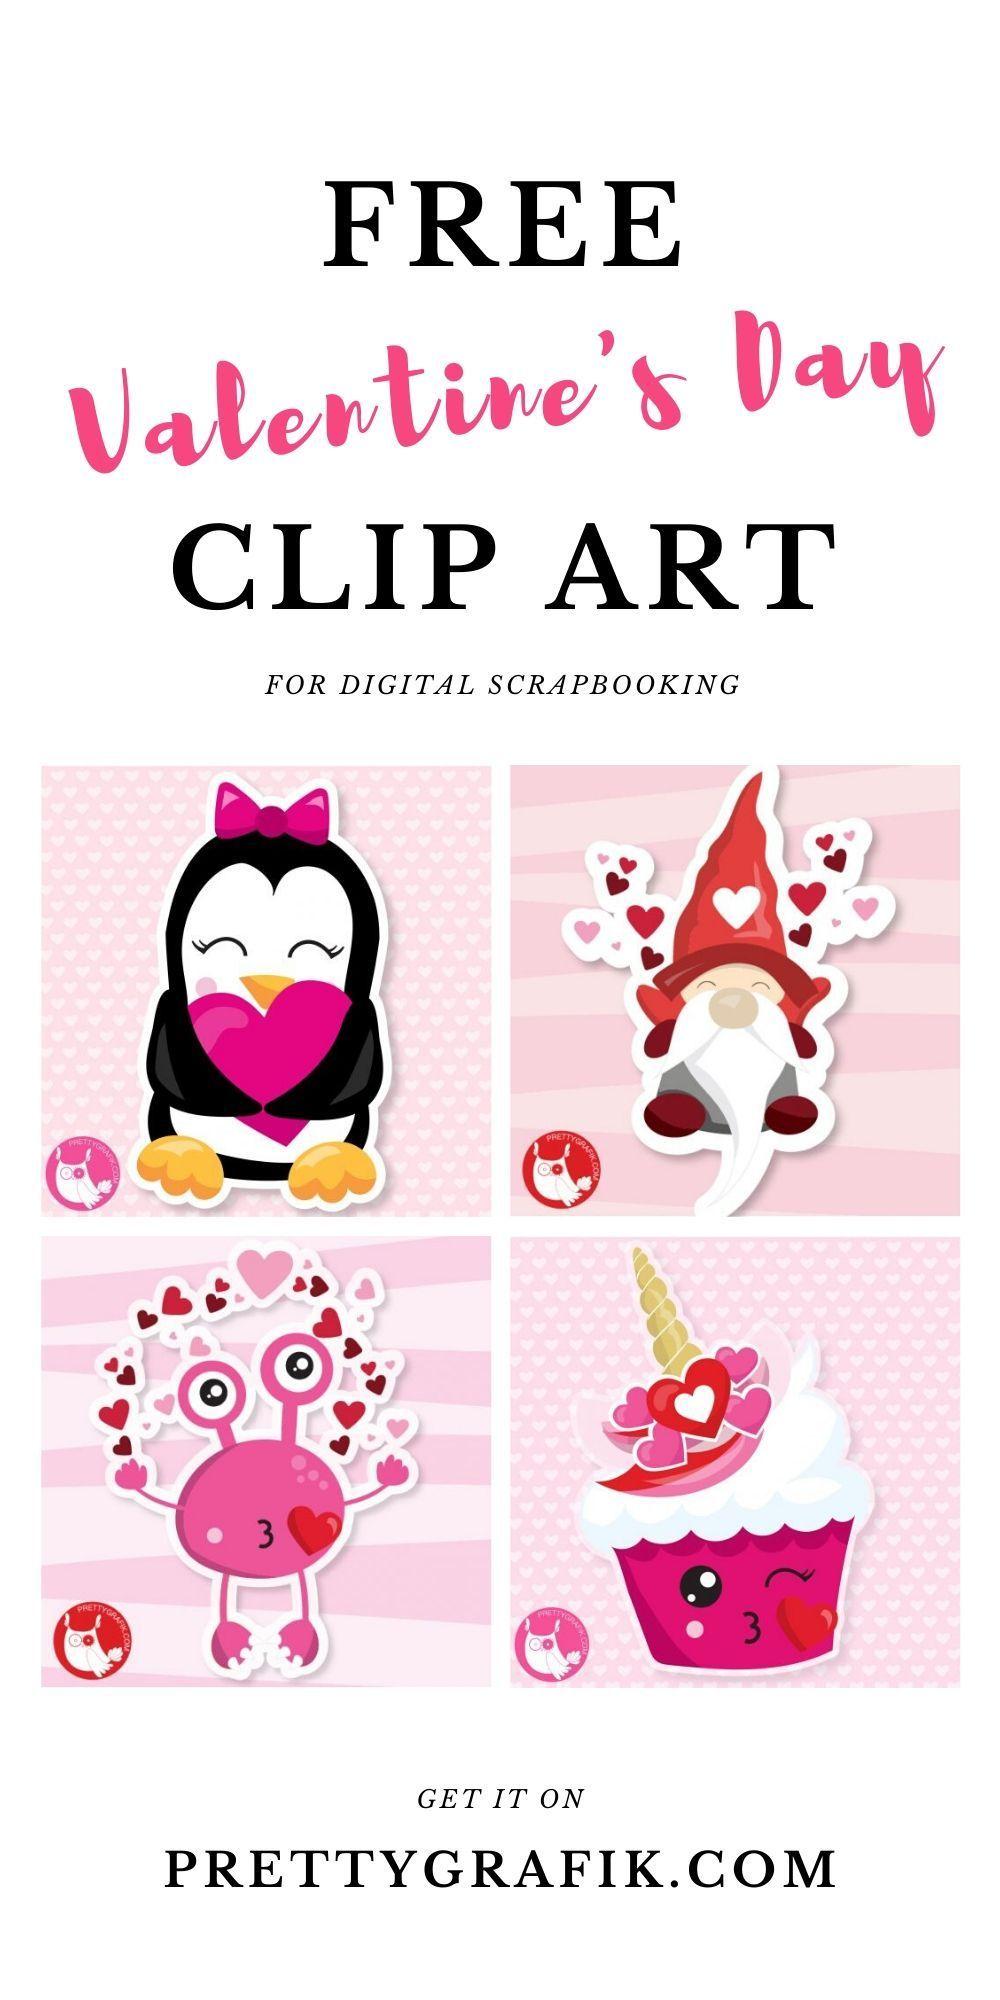 Freebies Archives Prettygrafik Store Clip Art Freebies Clip Art Valentines Day Clipart